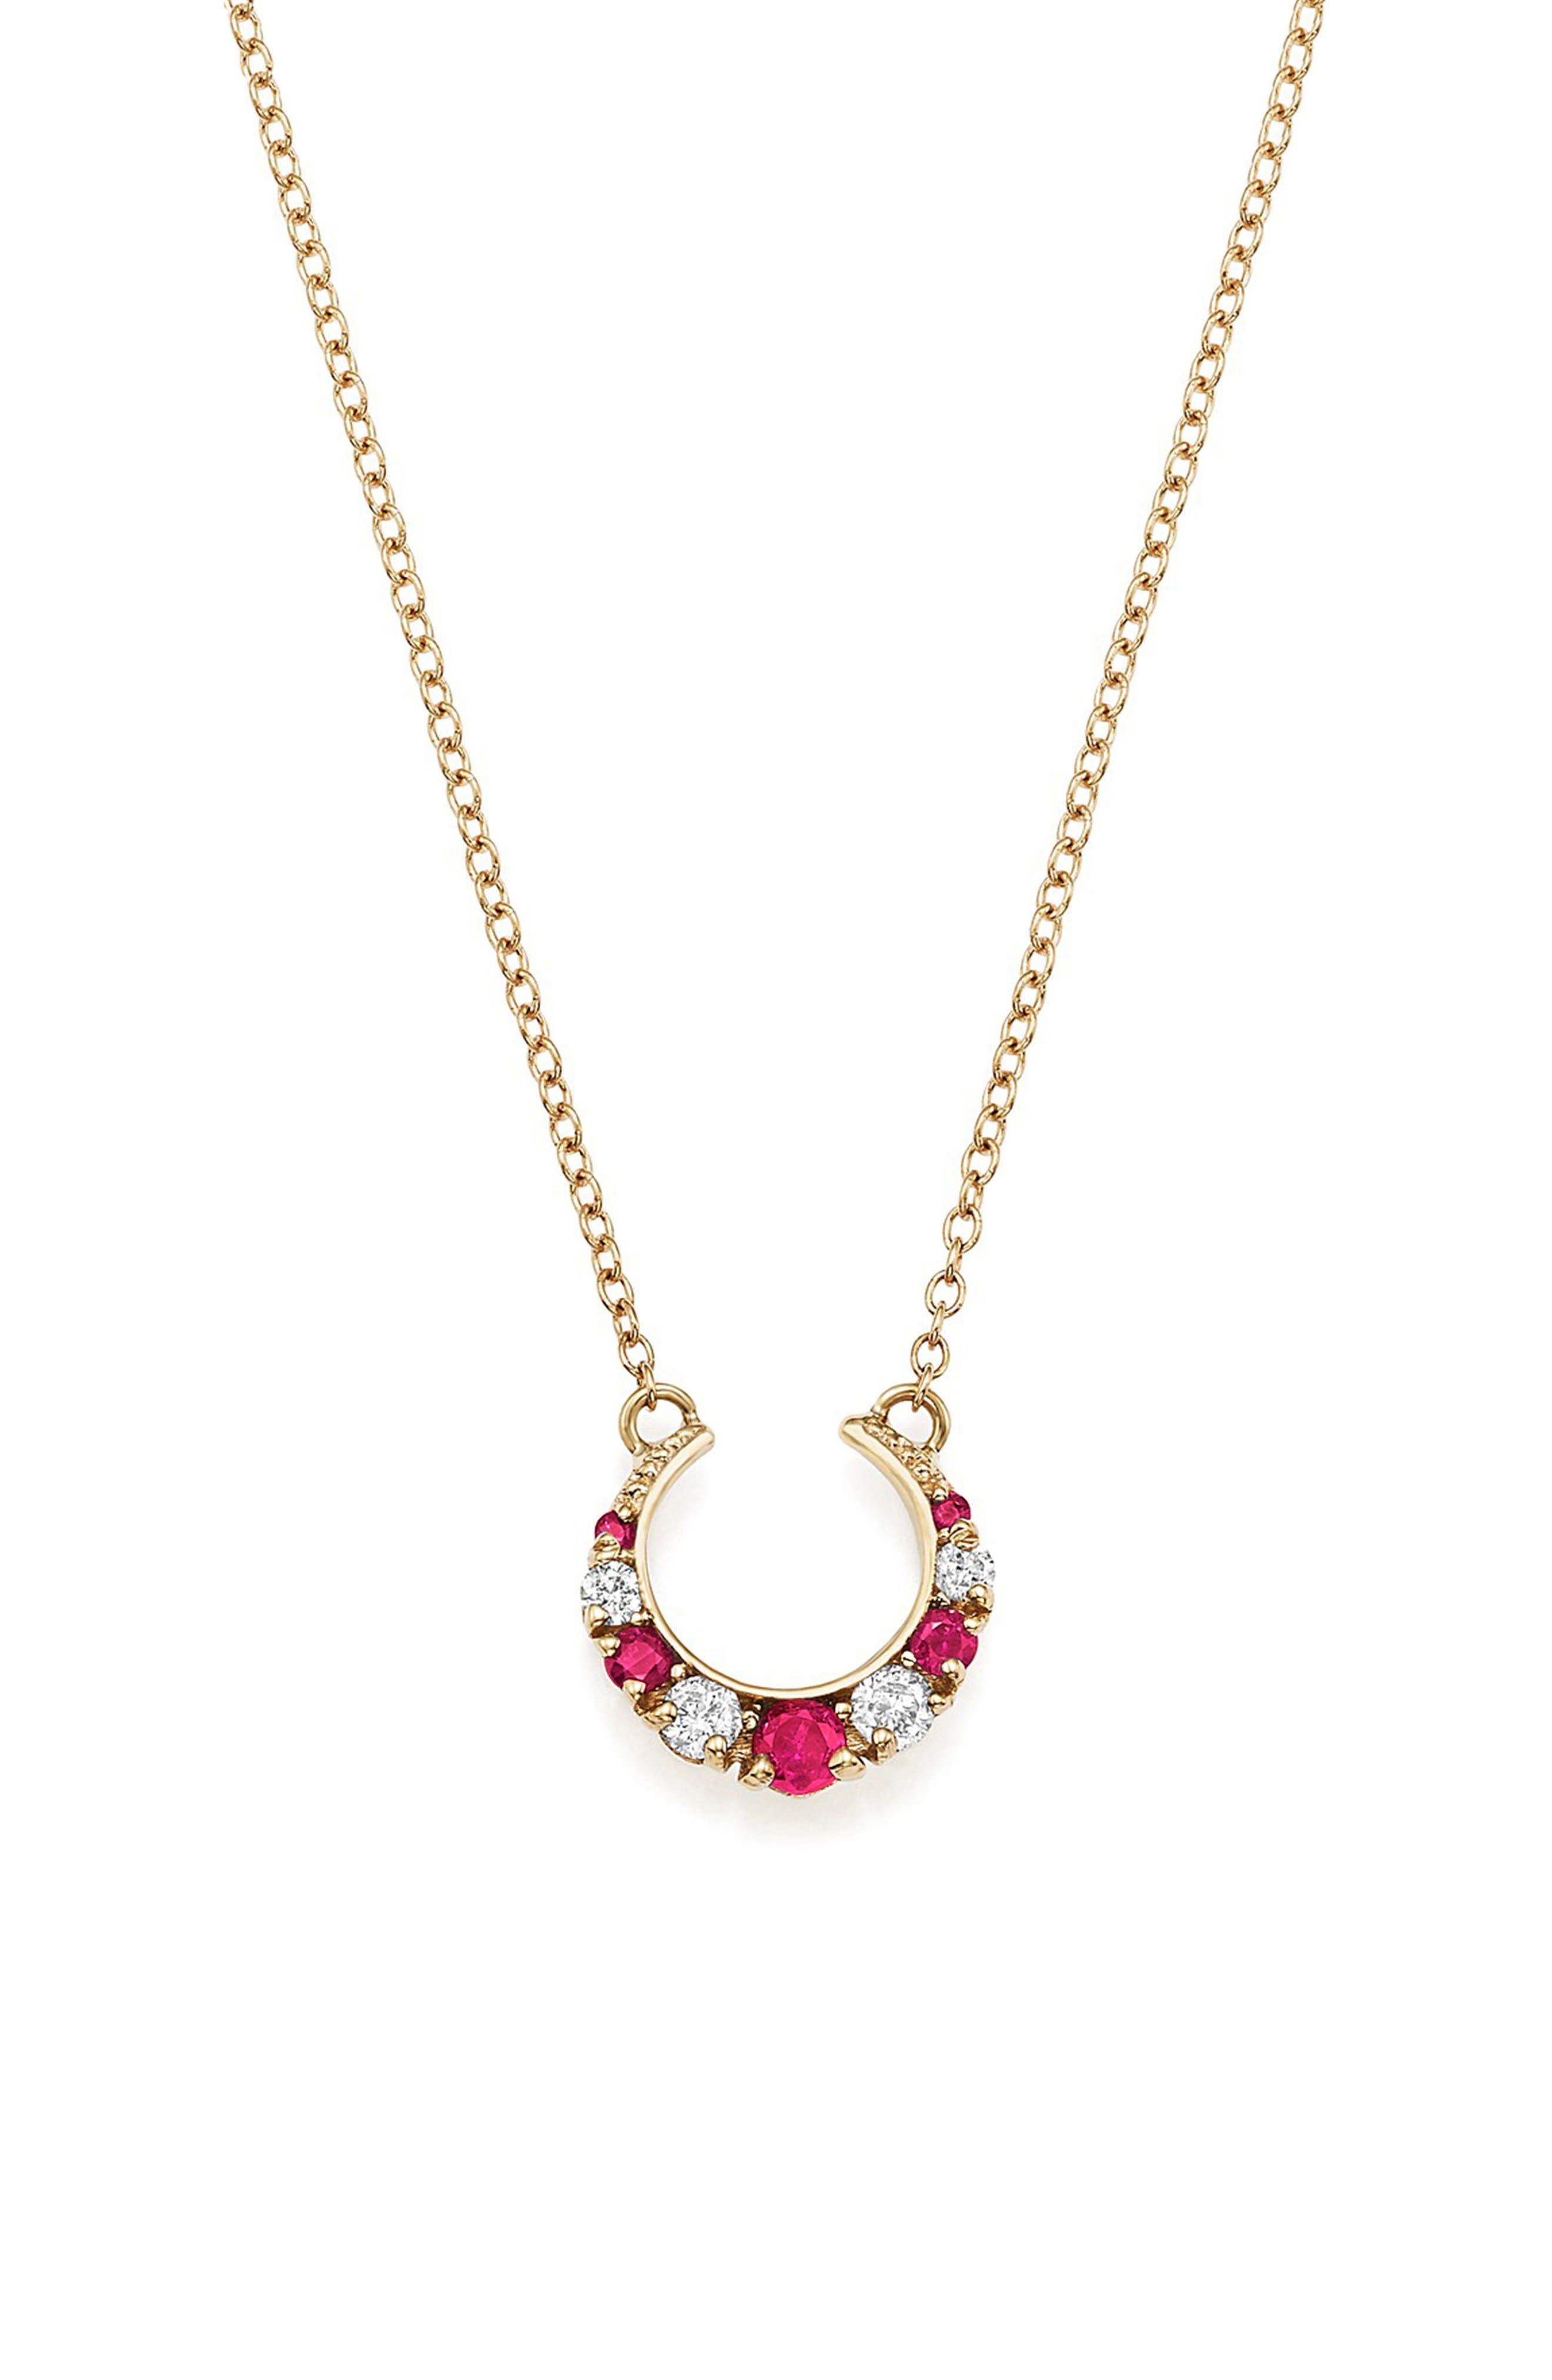 Main Image - Iconery x Stone Fox Gem Pendant Necklace